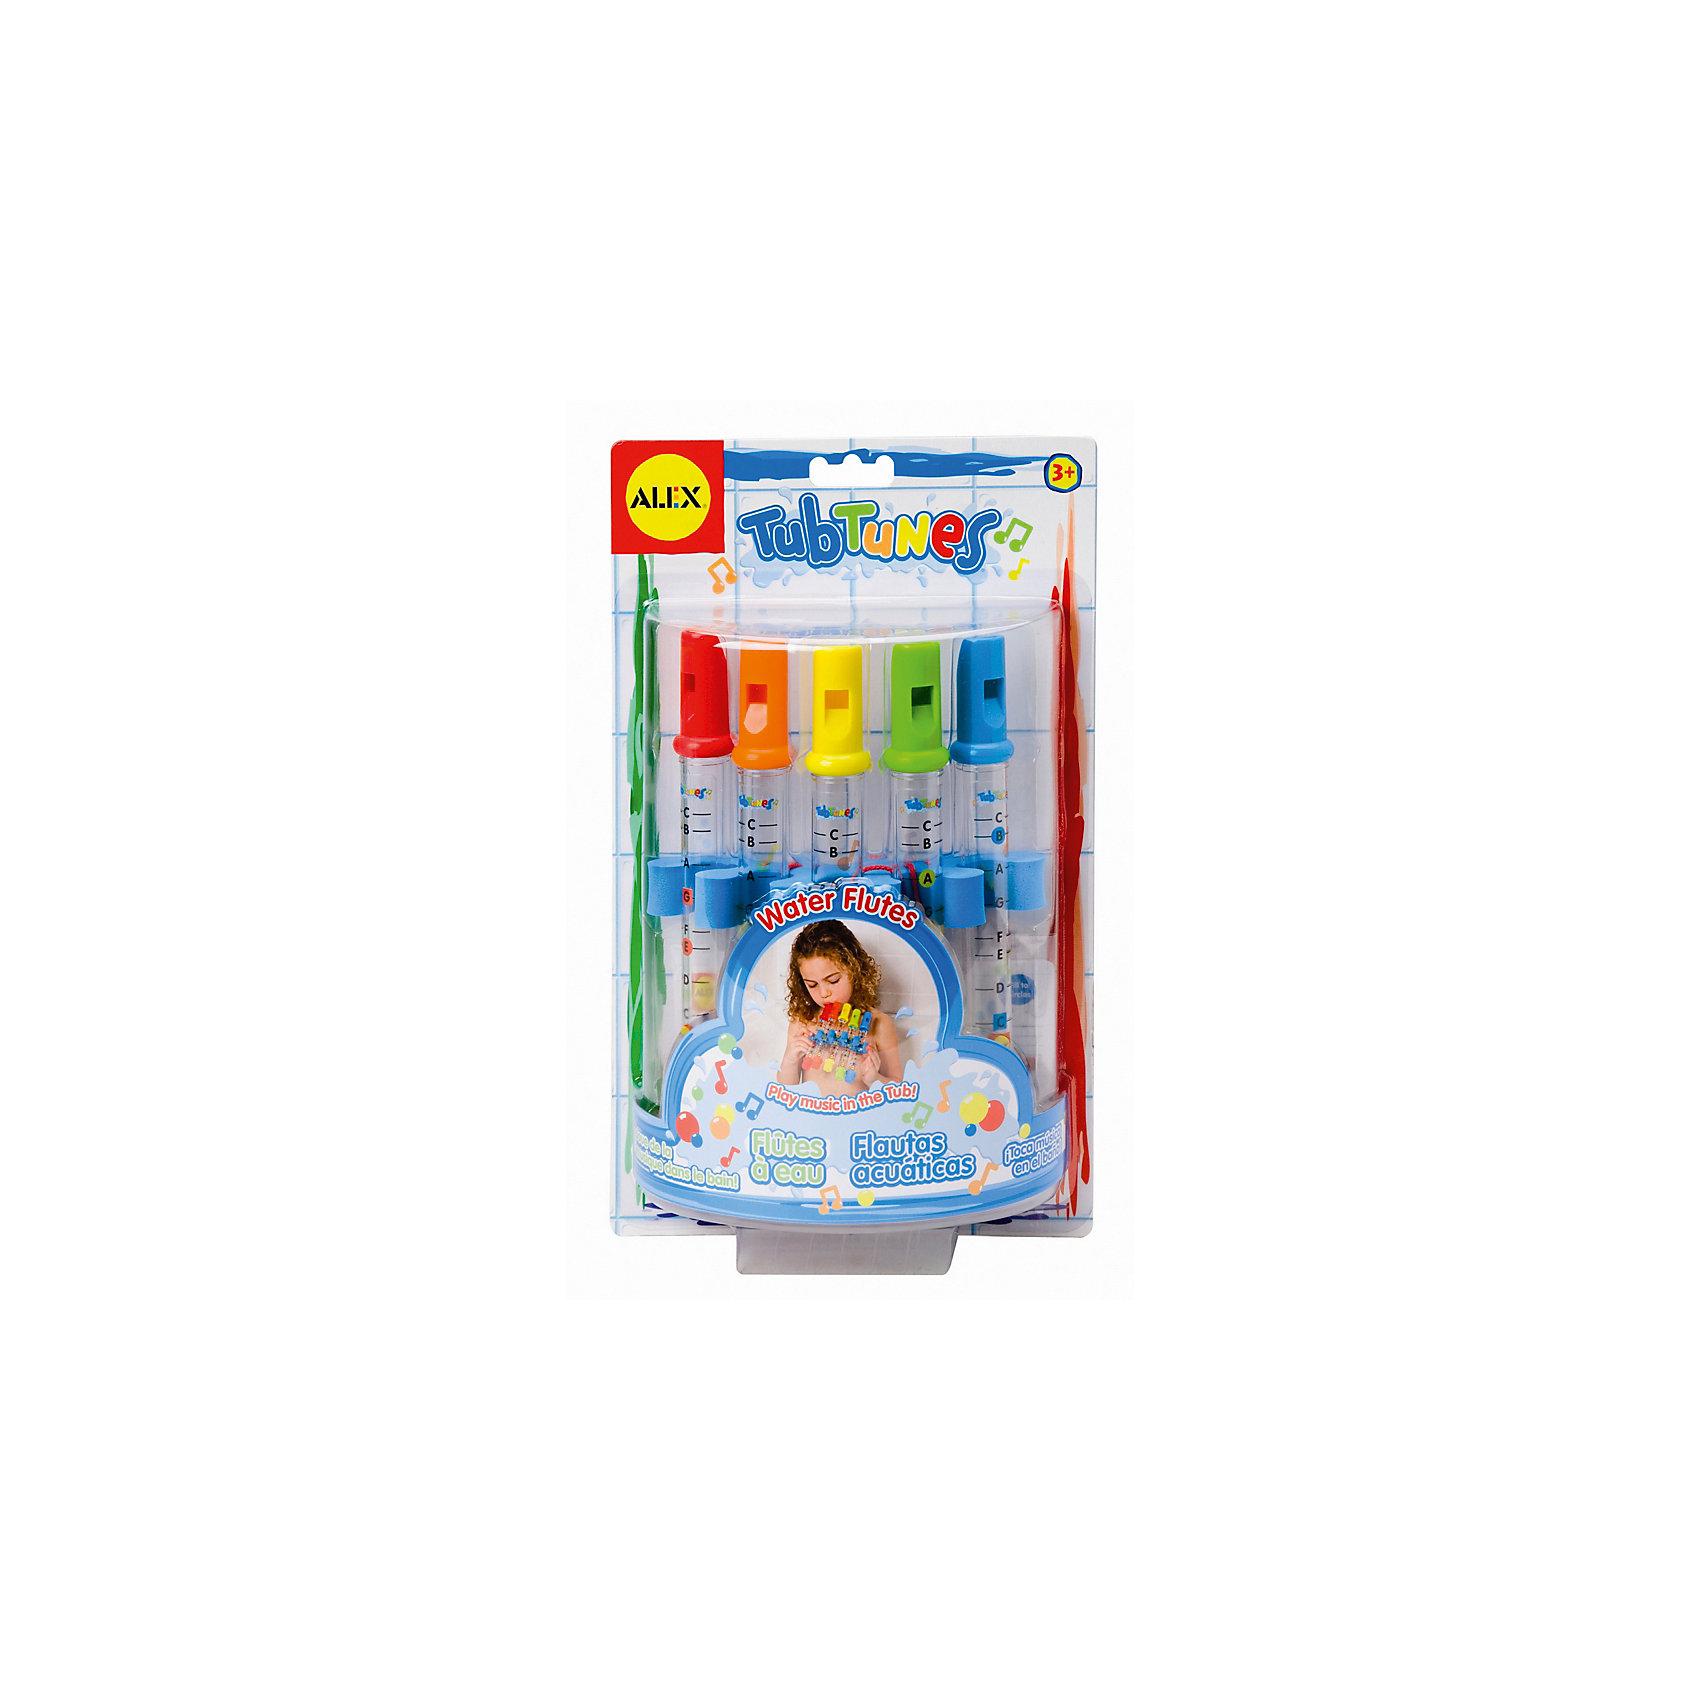 ALEX ALEX Игрушка для ванной Водяные флейты игрушка для ванной alex игрушка для ванной